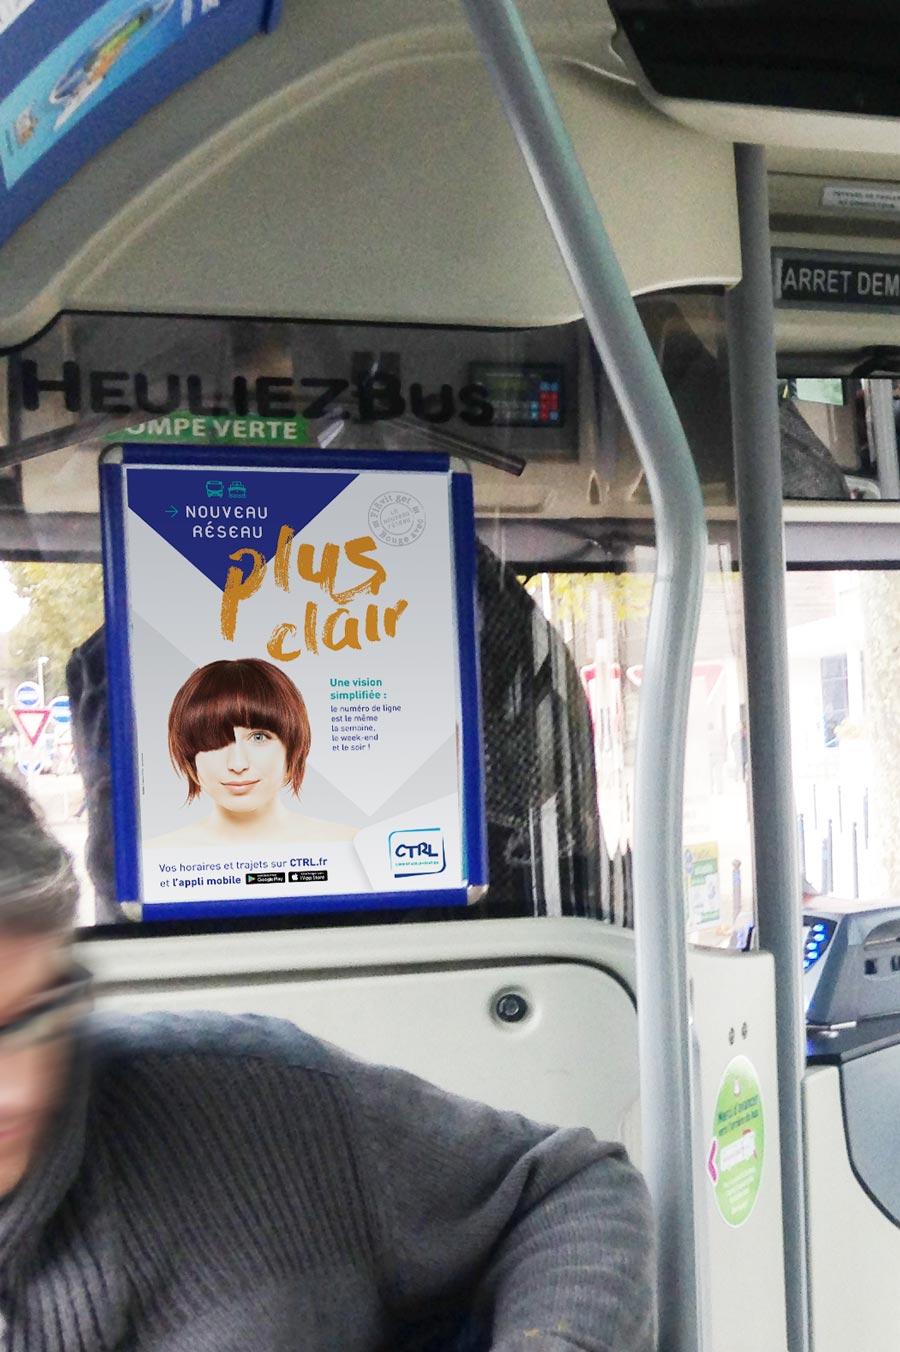 ctrl affiche A3 plus clair bus